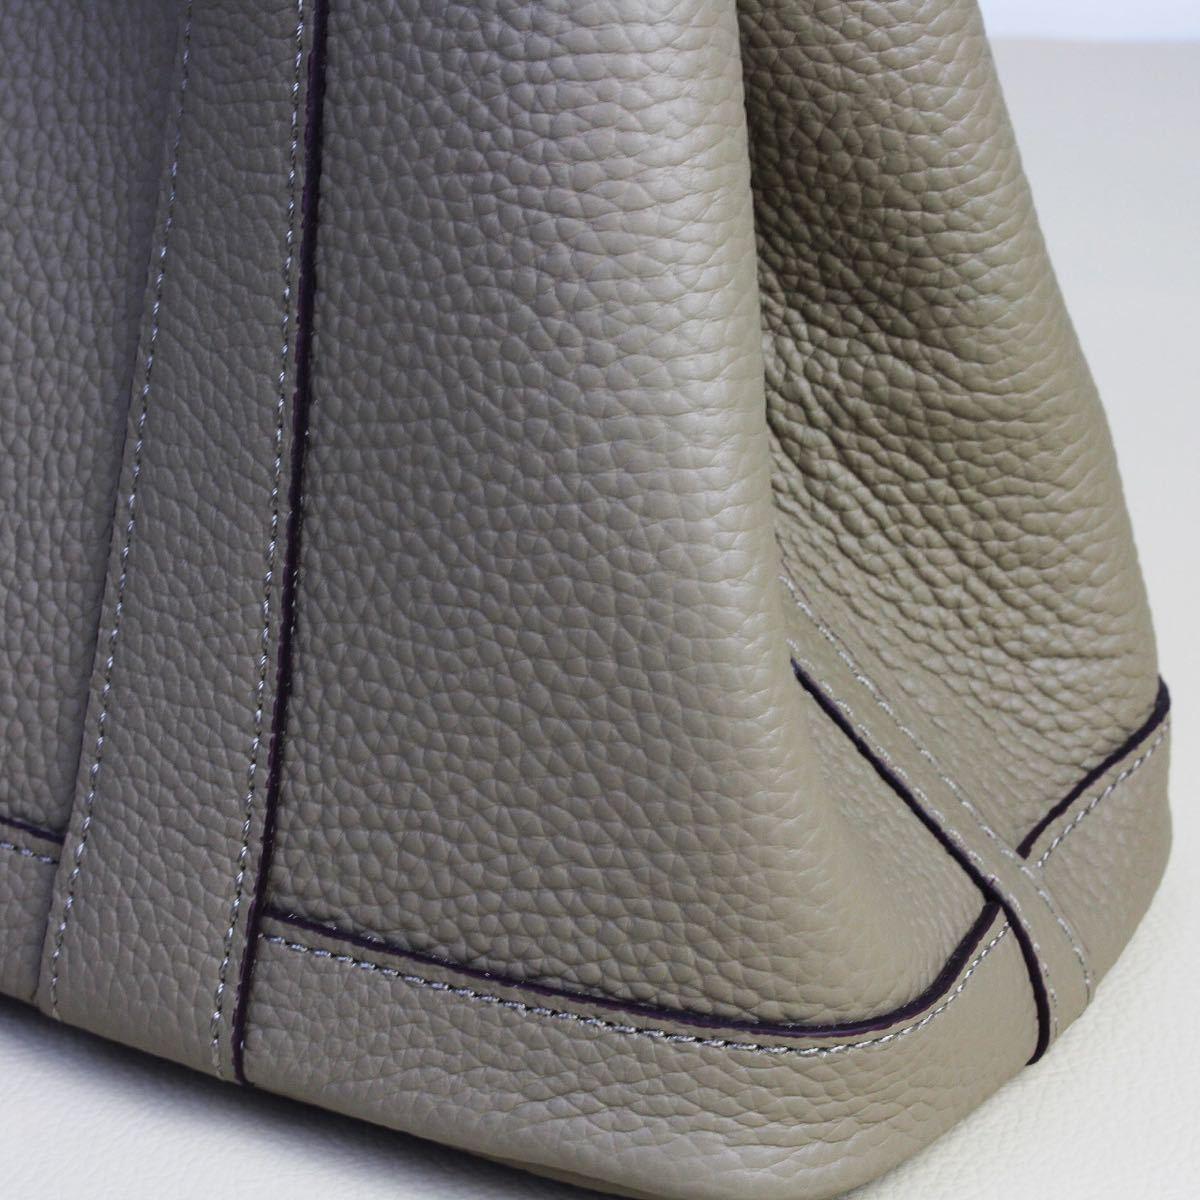 ラスト一点 トートバッグ ショルダーバッグ 手持ちバッグ カバン バッグ 鞄 本革 メンズ レディース ハンドバッグ レザーバッグ